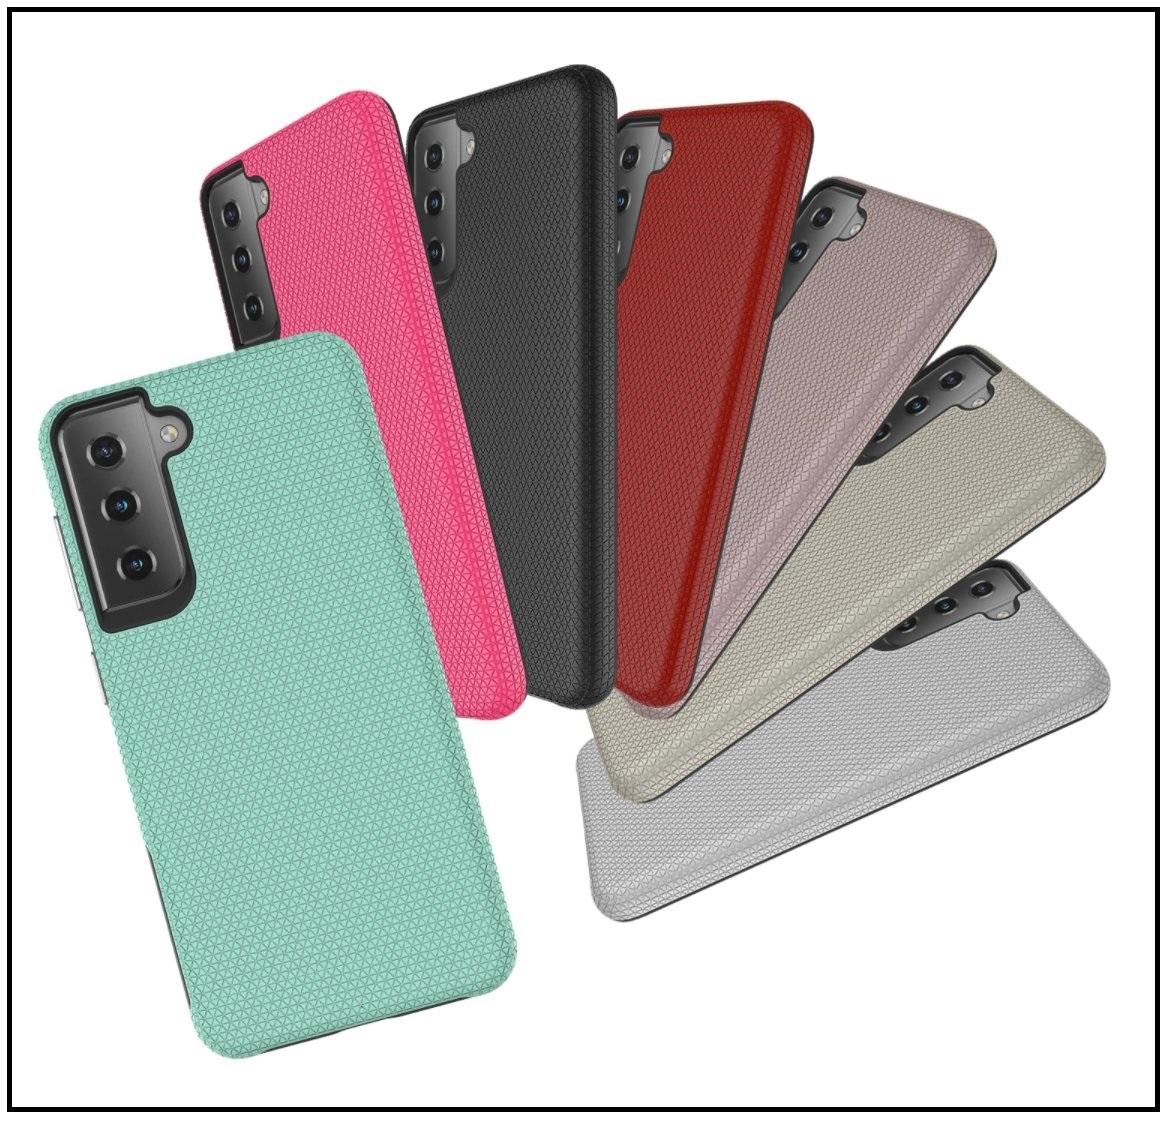 قاب گوشی های S21 و S21+